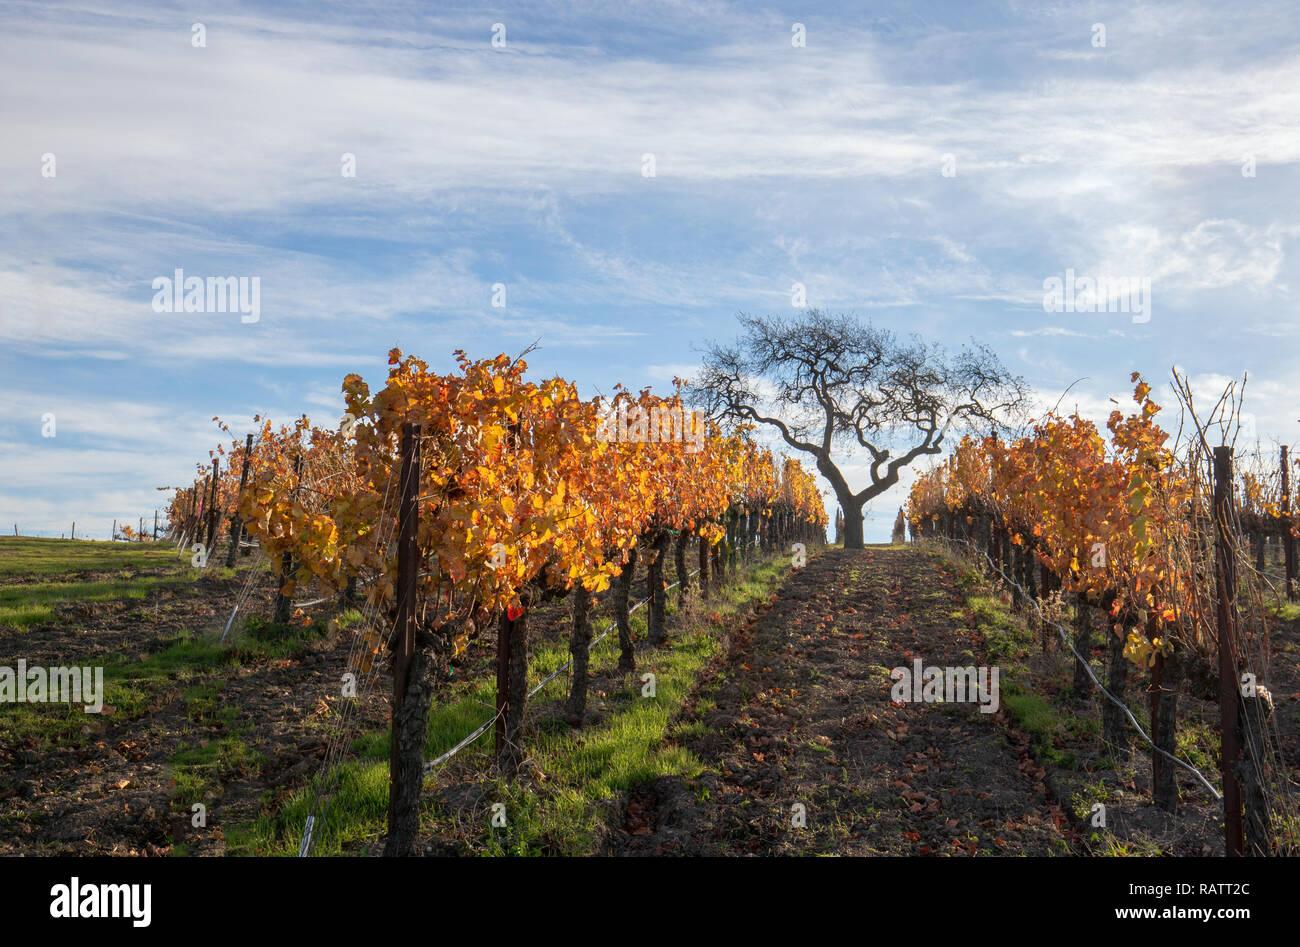 Vista de árbol de invierno en viña en las colinas de Santa Bárbara en el centro de California, Estados Unidos Foto de stock